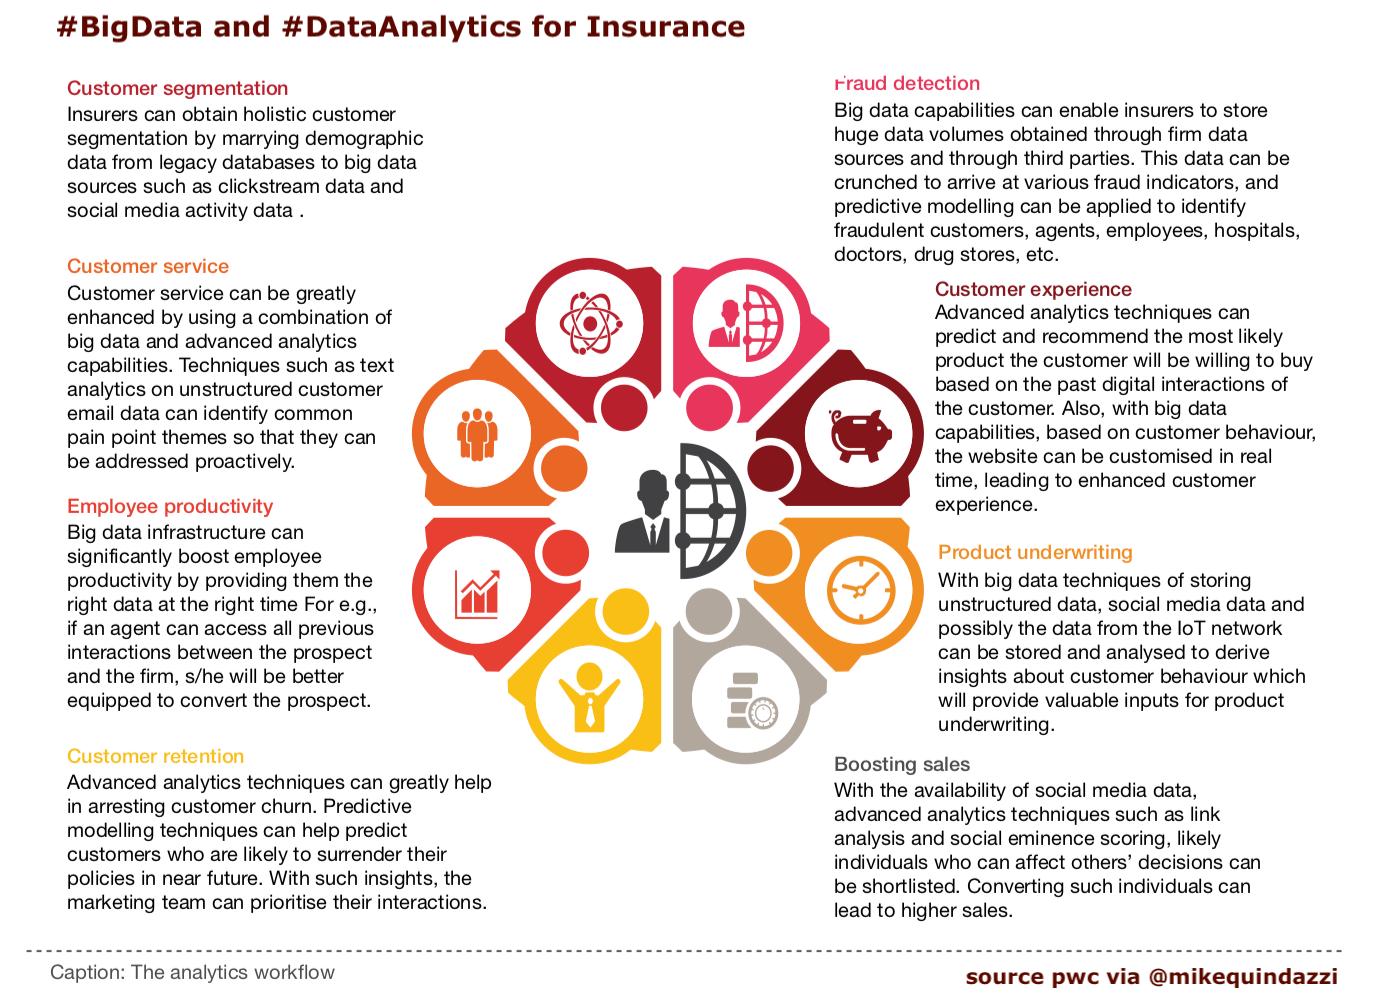 Bigdata And Dataanalytics For Insurance Pwc Via